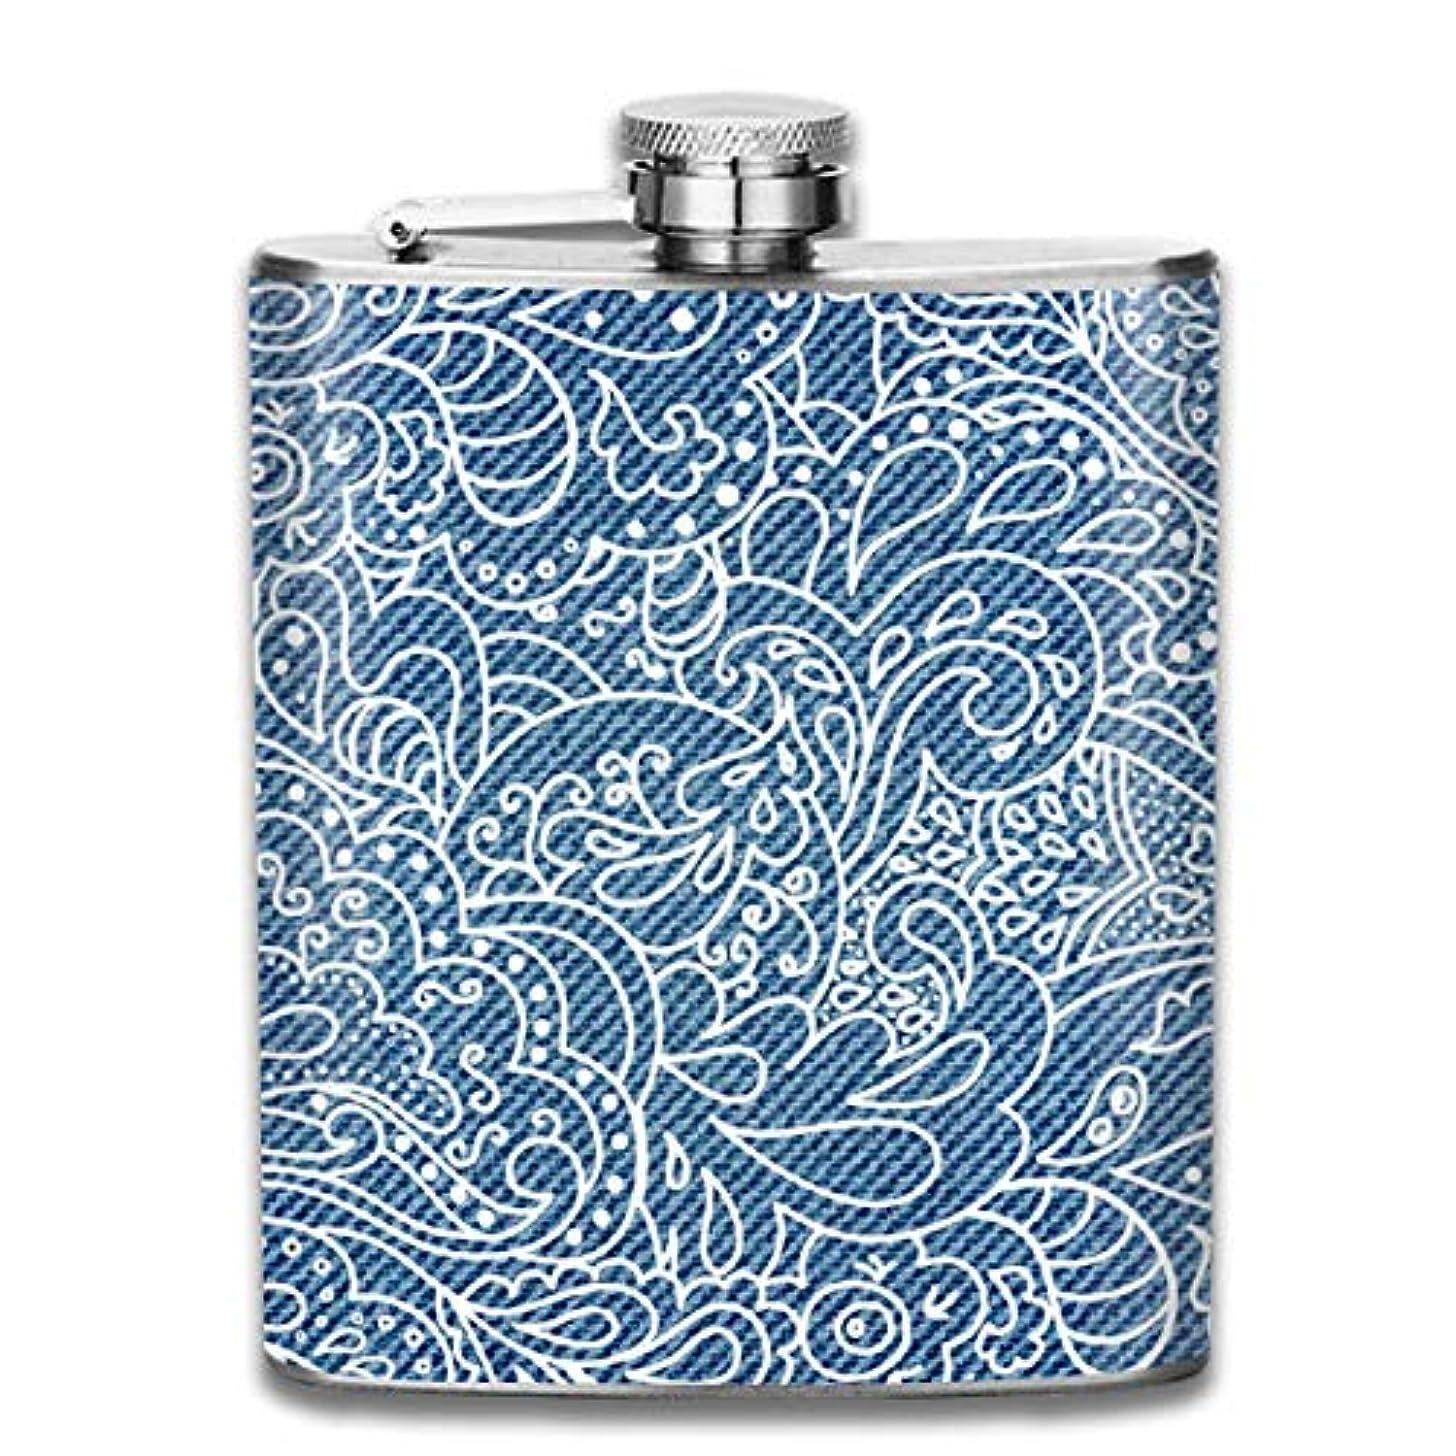 チャンピオンながら海里アブストラクトフラスコ スキットル ヒップフラスコ 7オンス 206ml 高品質ステンレス製 ウイスキー アルコール 清酒 携帯 ボトル